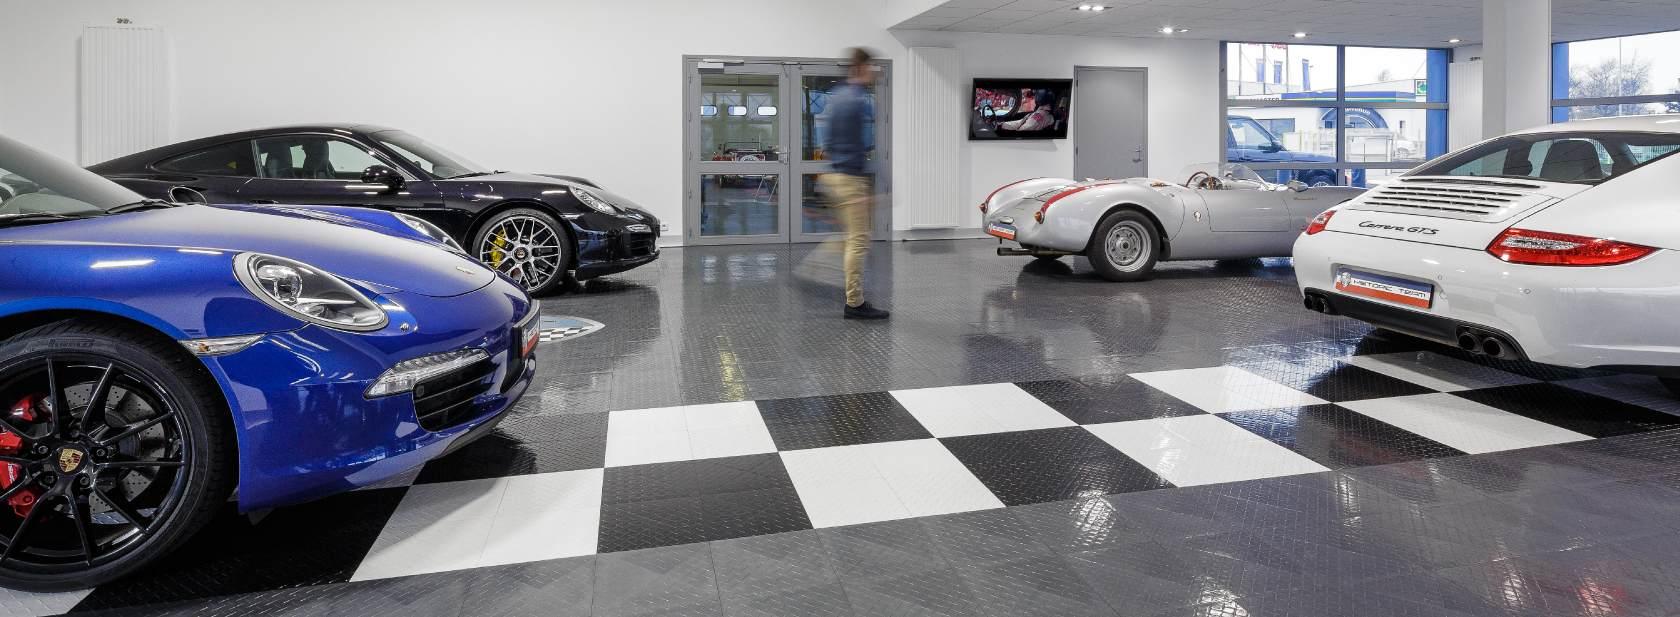 le garage historic team vous propose des voitures d. Black Bedroom Furniture Sets. Home Design Ideas